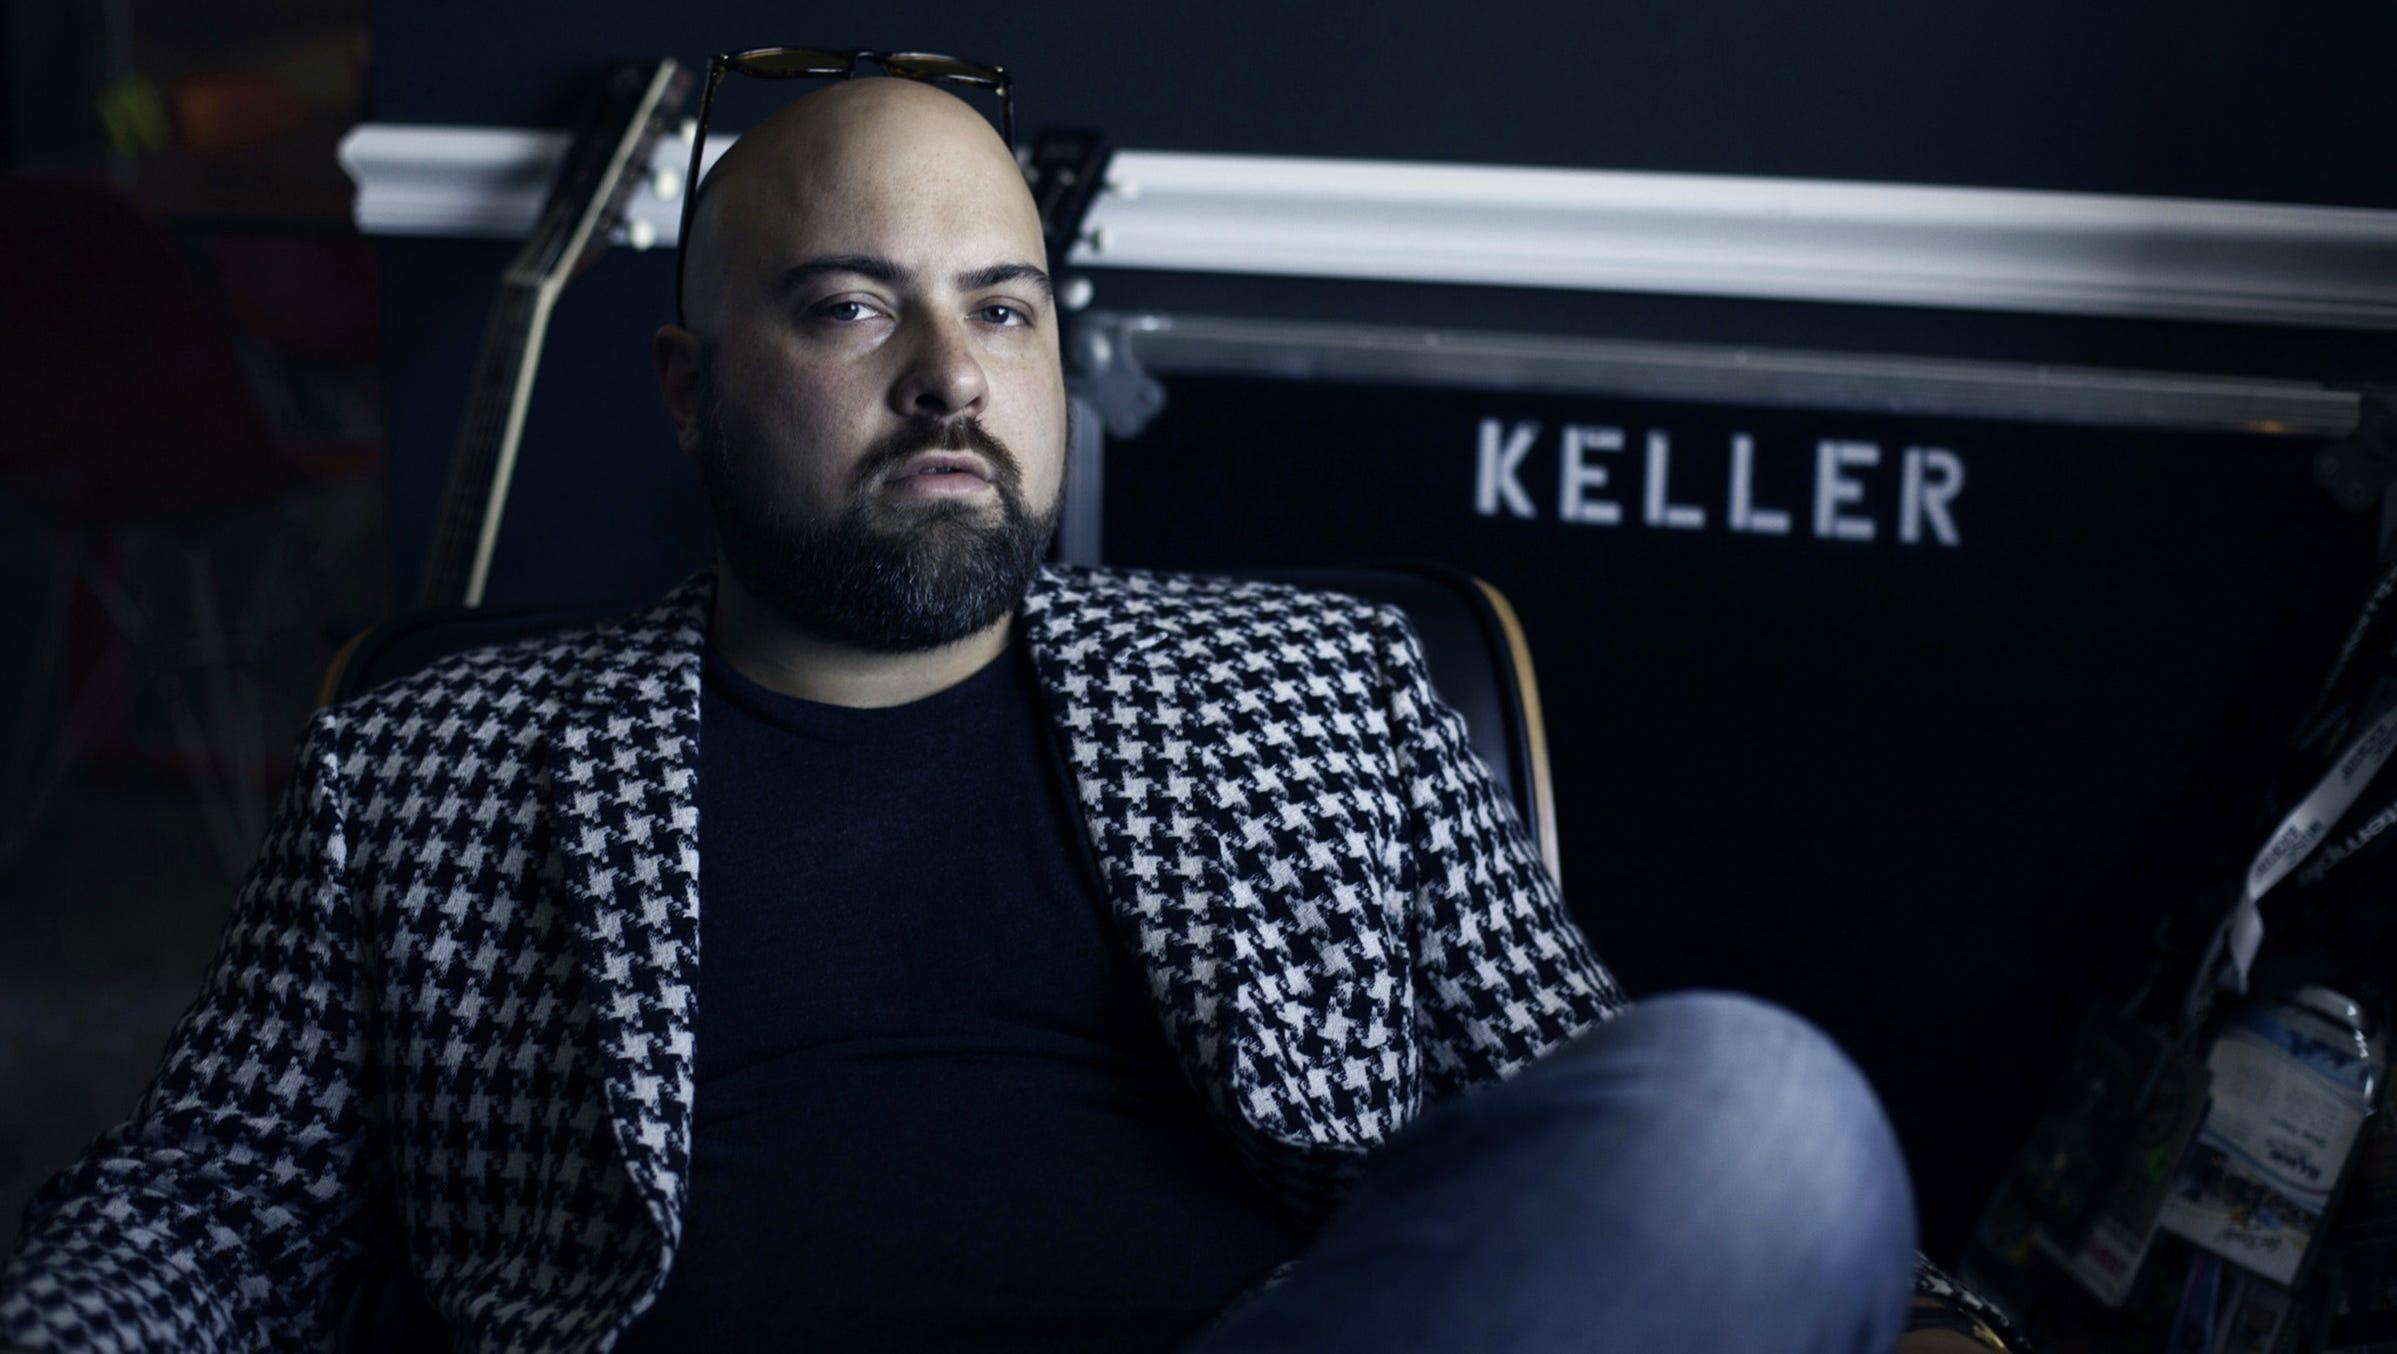 Lucas Keller's Milk & Honey behind top pop hits